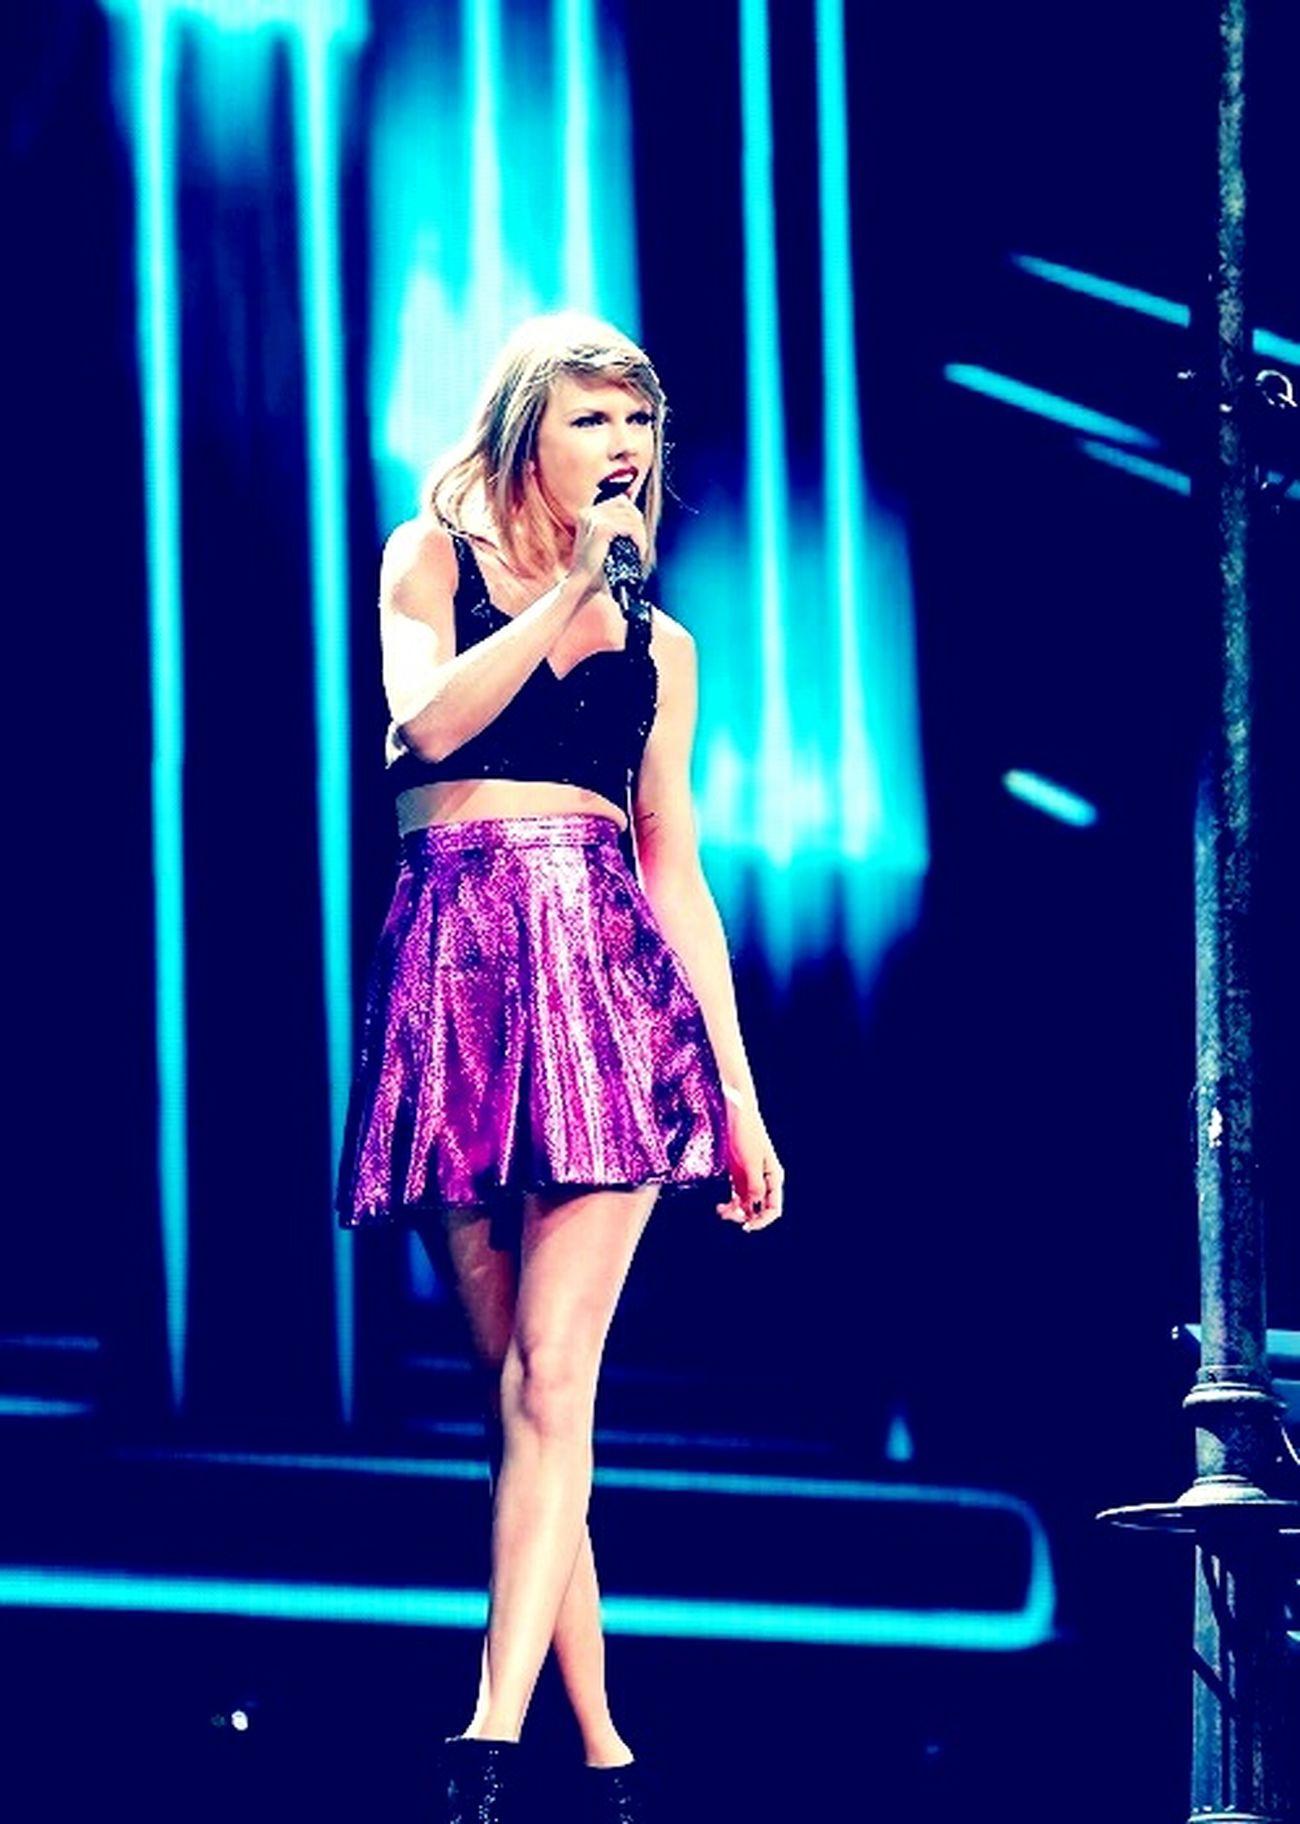 Taylor Swift Swiftie 1989worldtour